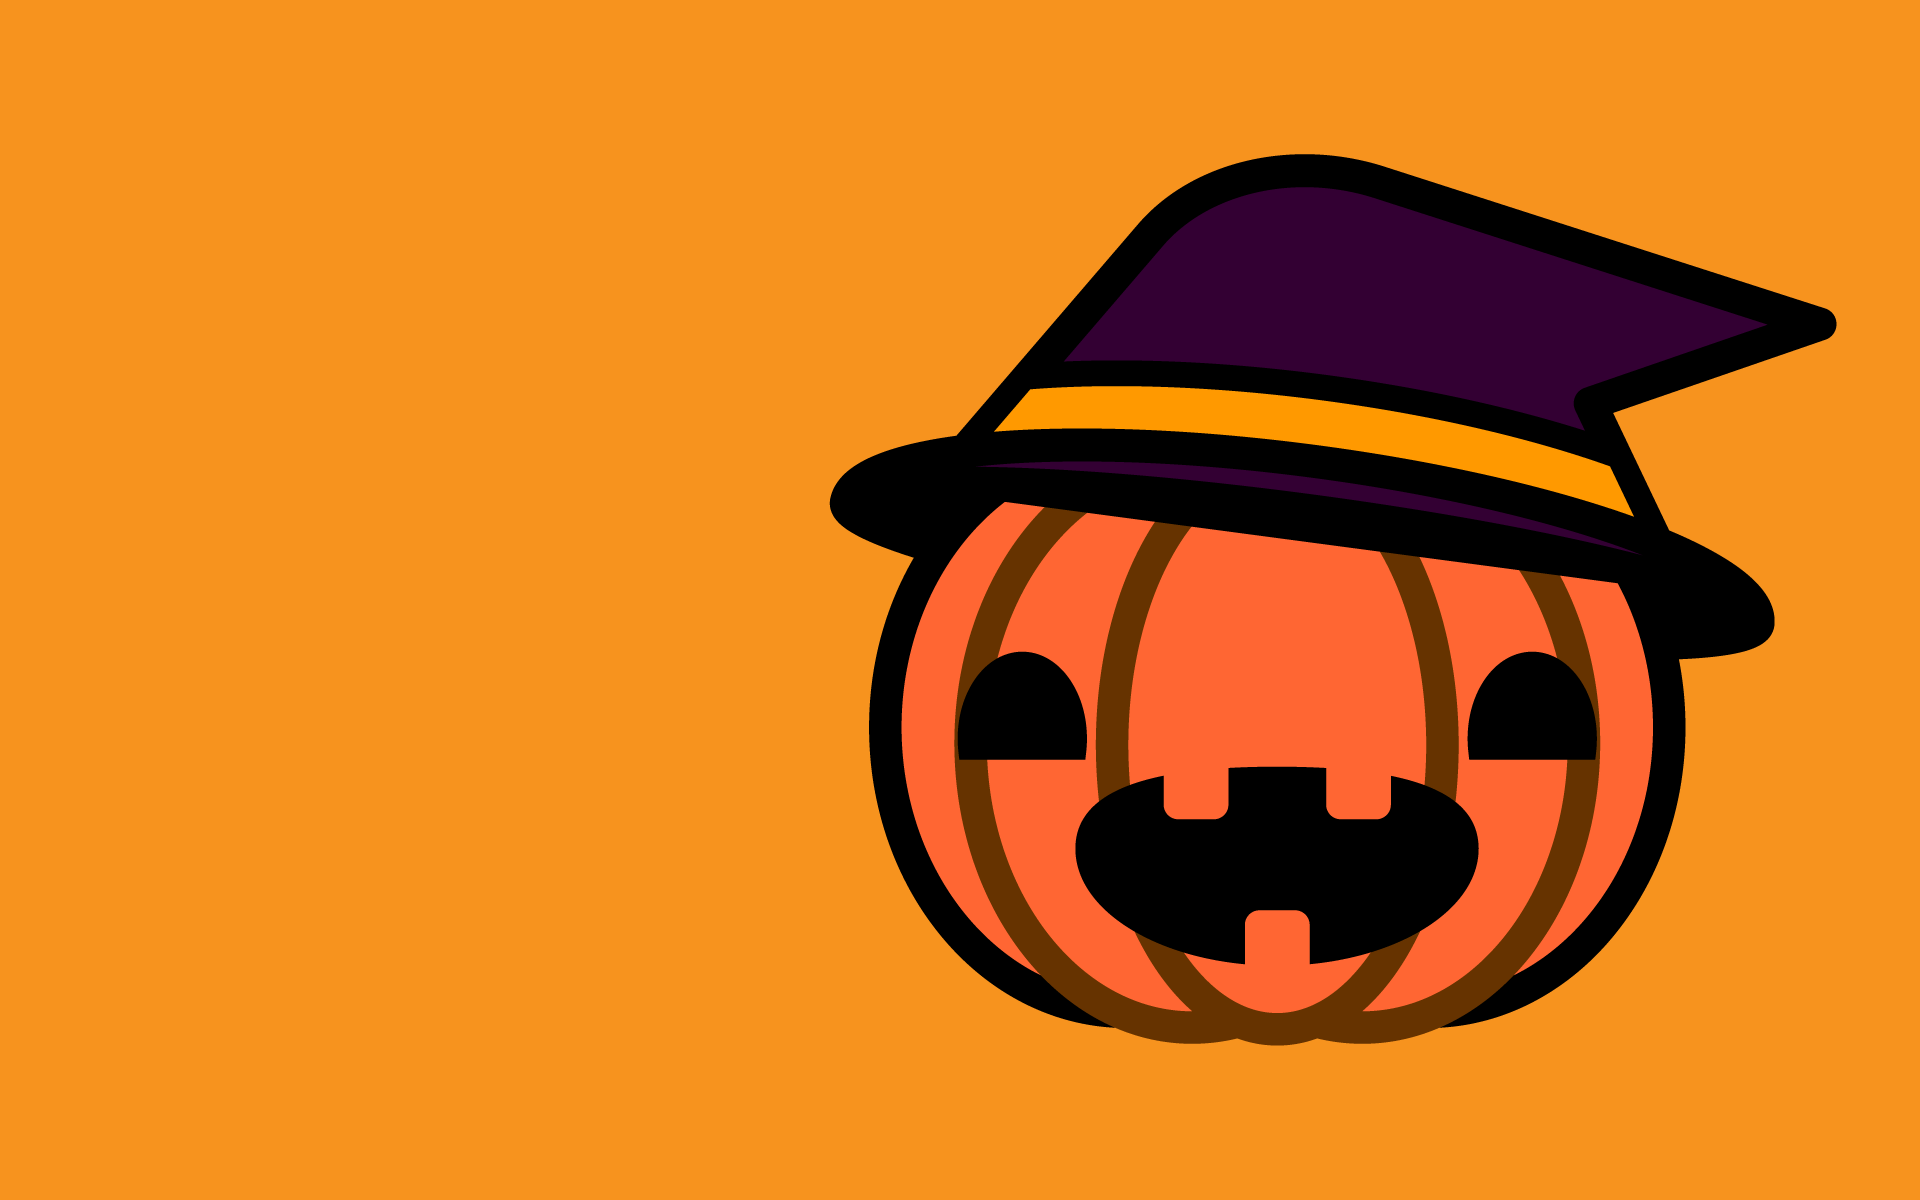 かわいいハロウィンかぼちゃ3壁紙(PC)の無料イラスト・商用フリー